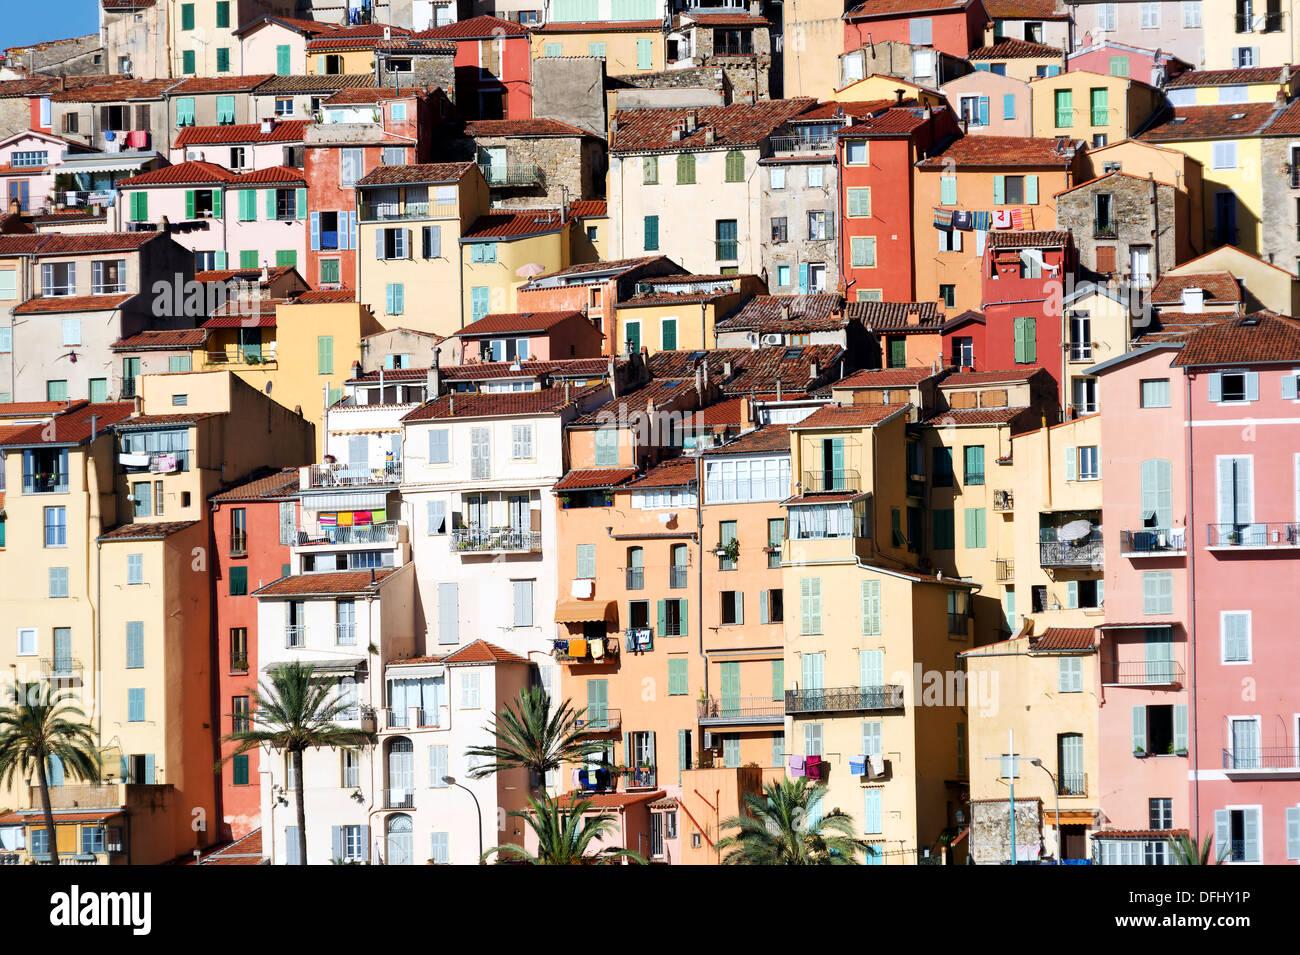 L'Europa, Francia alpes-maritimes, menton. La casa colorata della città vecchia. Immagini Stock